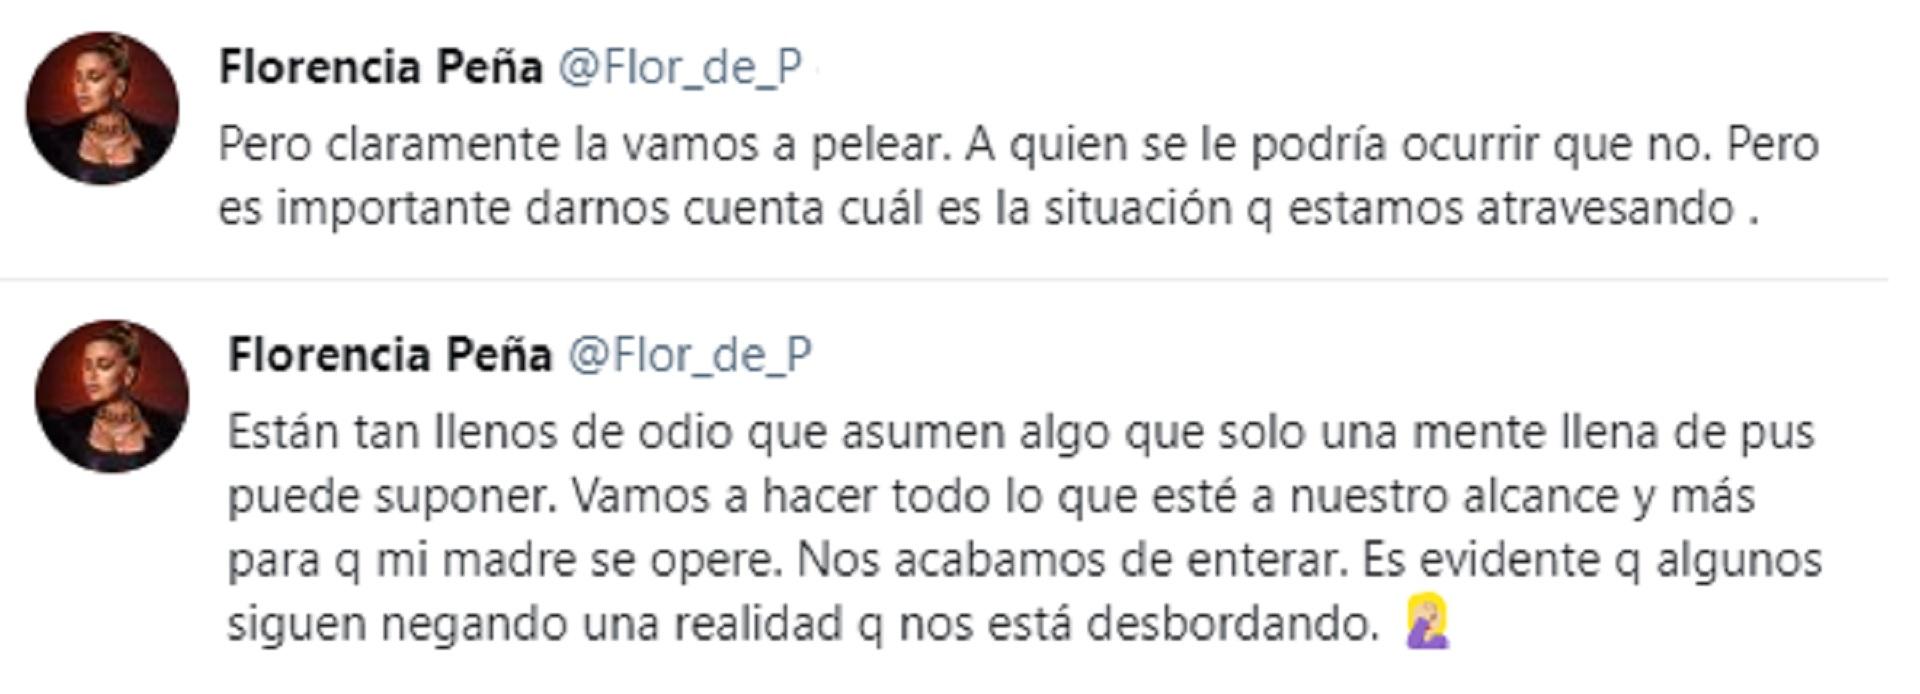 Los tuis de Florencia Peña